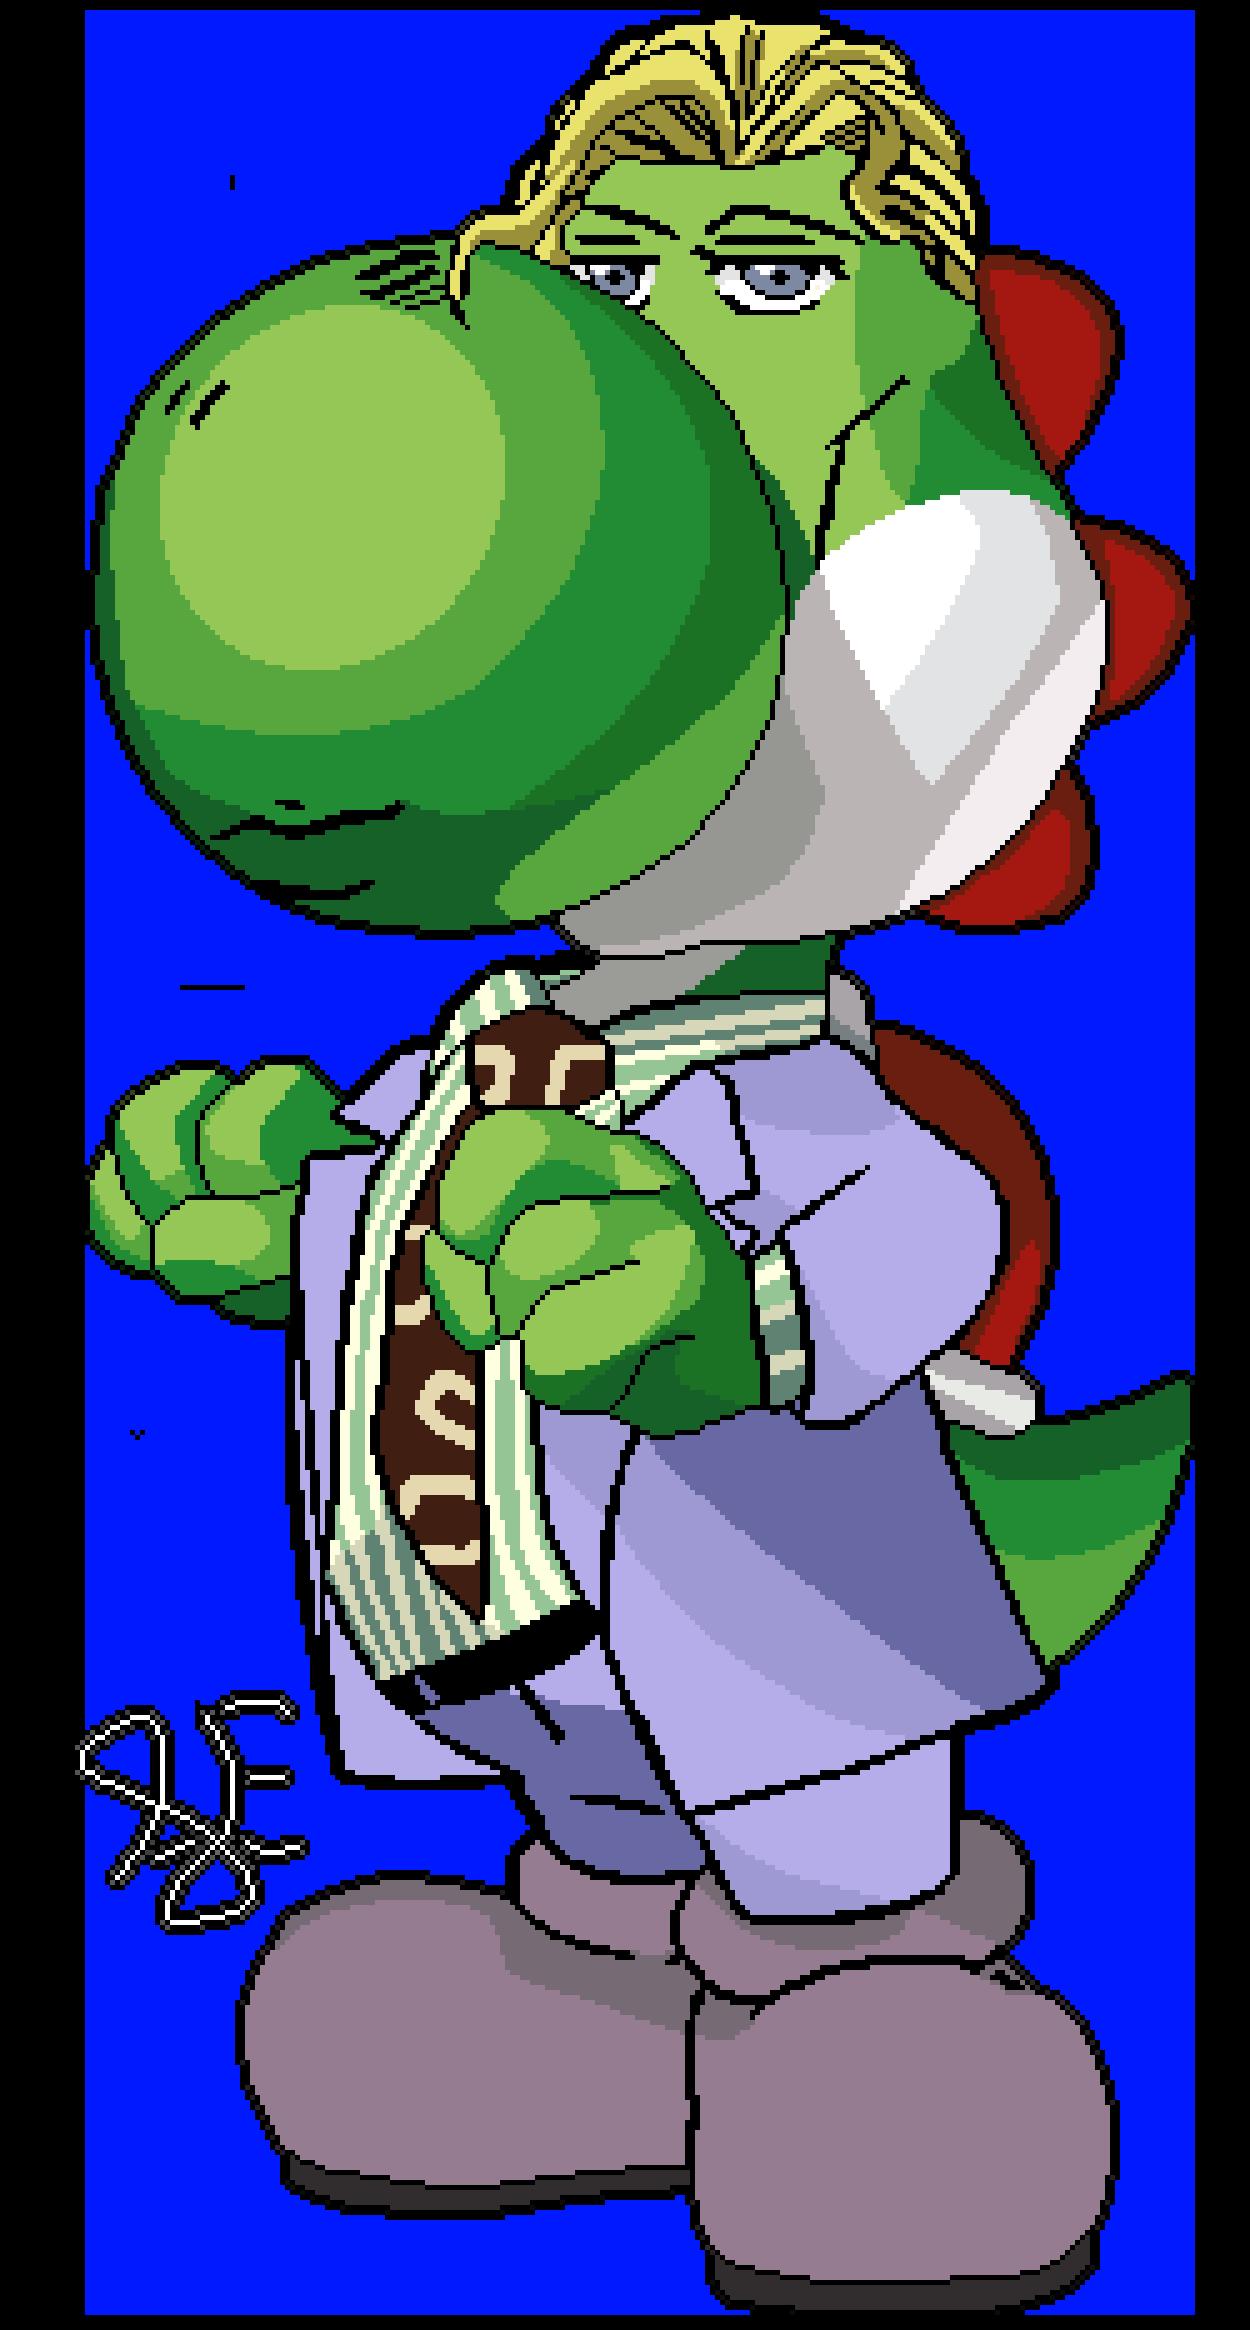 Yoshi-kage Kira